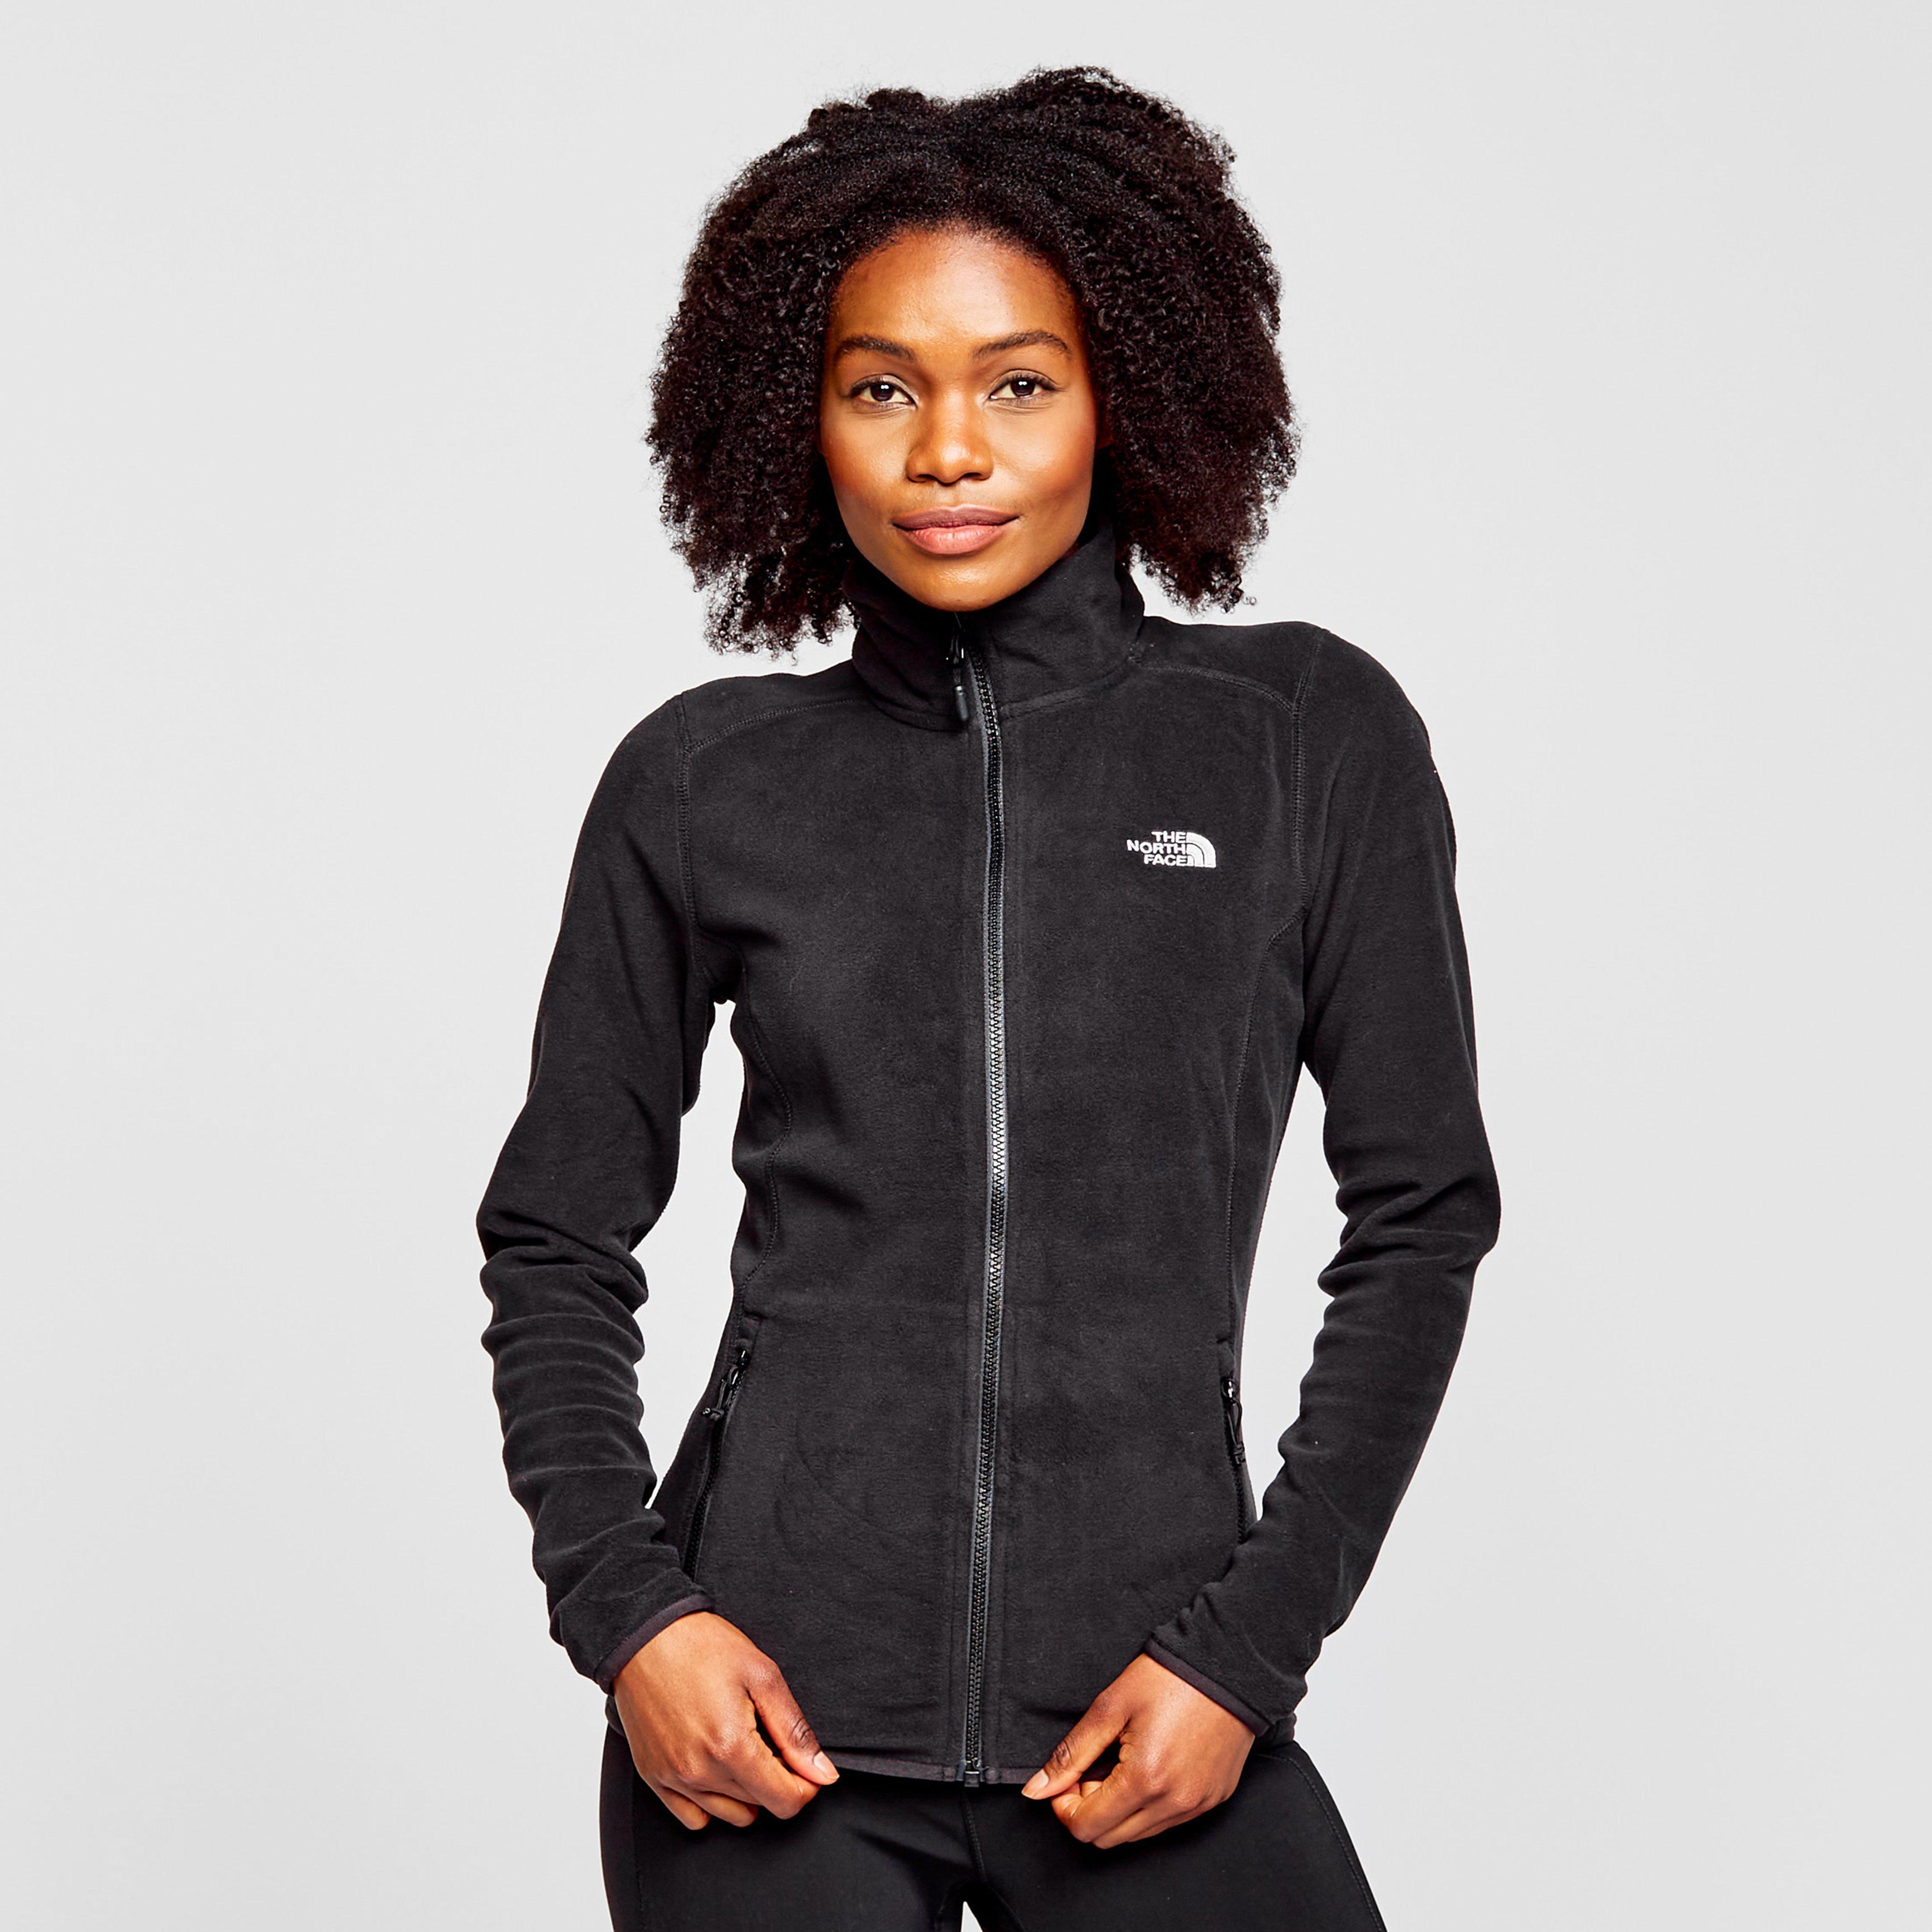 Womens black fleece zip jacket